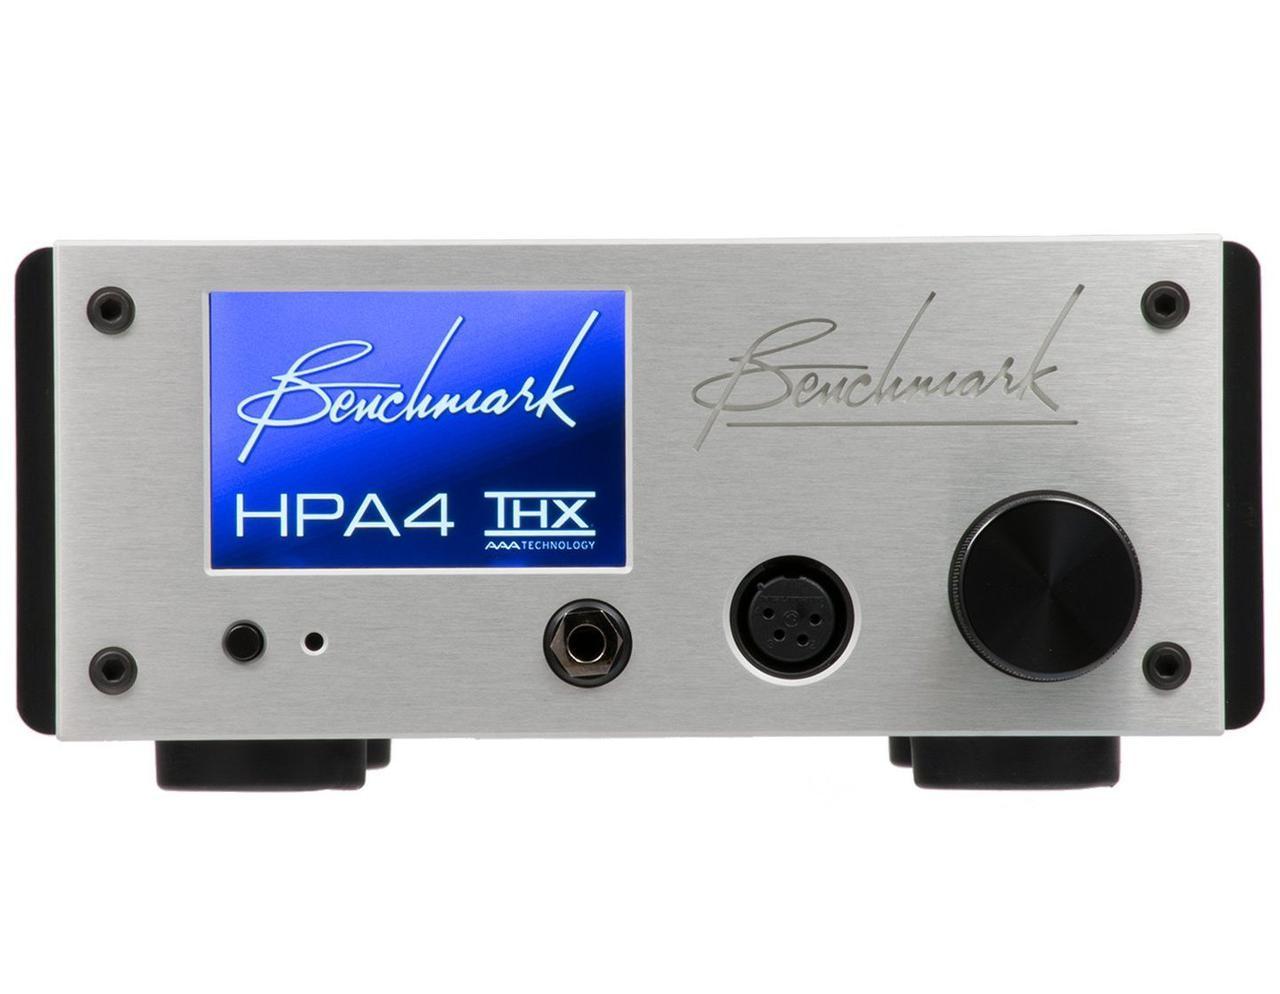 画像: ヘッドホンアンプ「HPA4」ならびにステレオパワーアンプ「AHB2」発売のご案内 – Benchmark Media Systems Japan